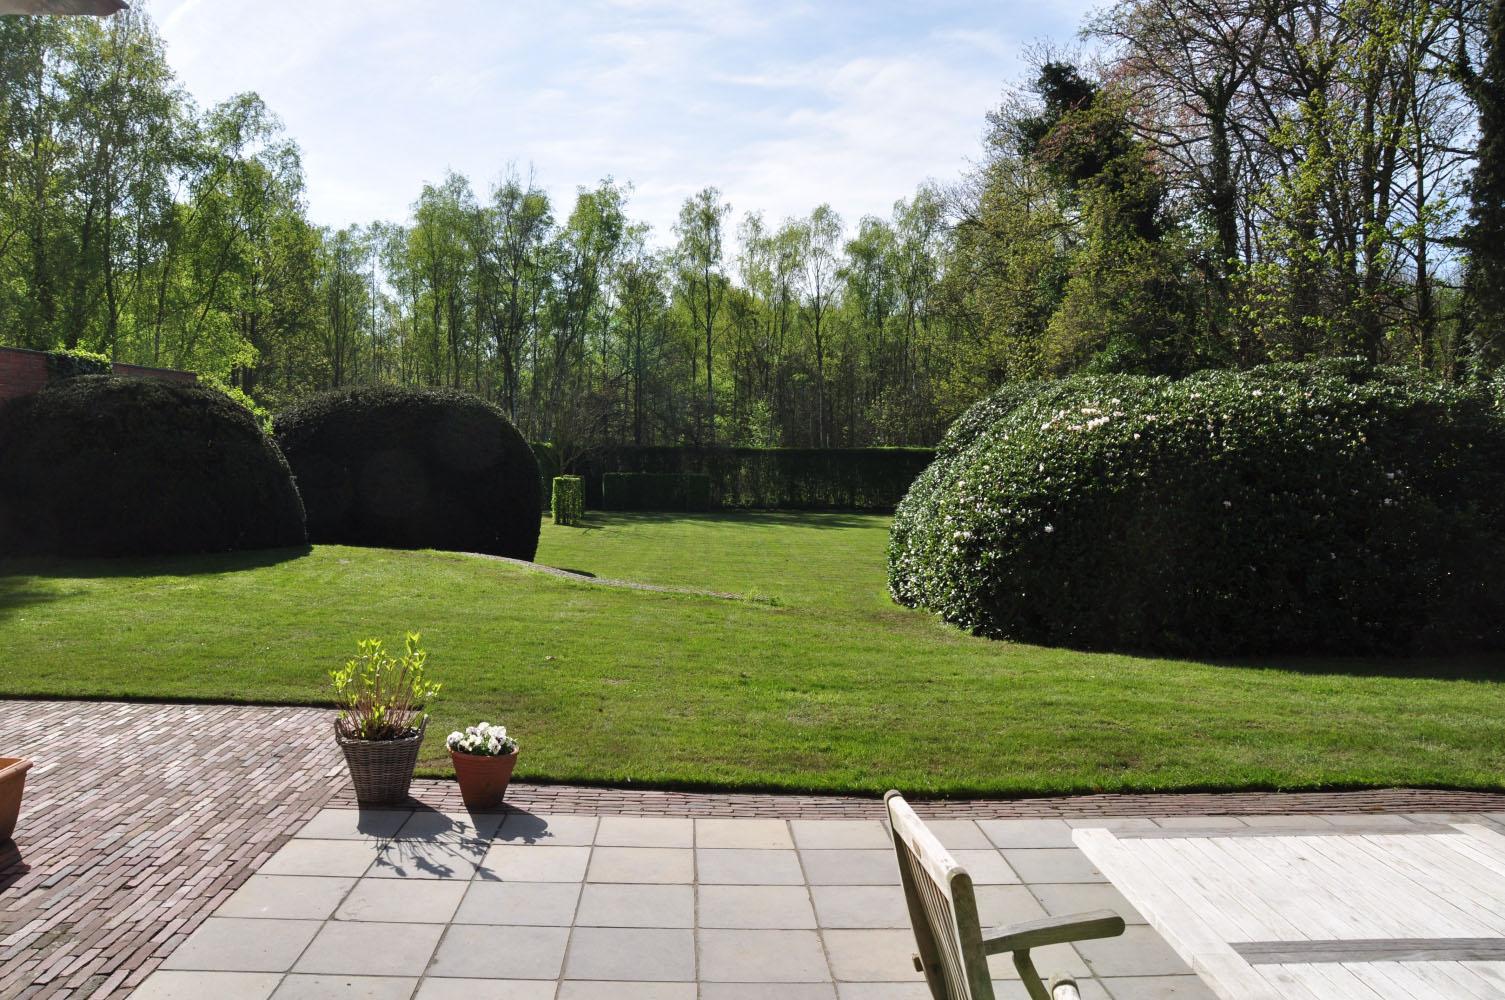 Tuin Aanleggen Voorbeelden : Aanleg landelijke tuinen voorbeelden landelijke tuinen tuin